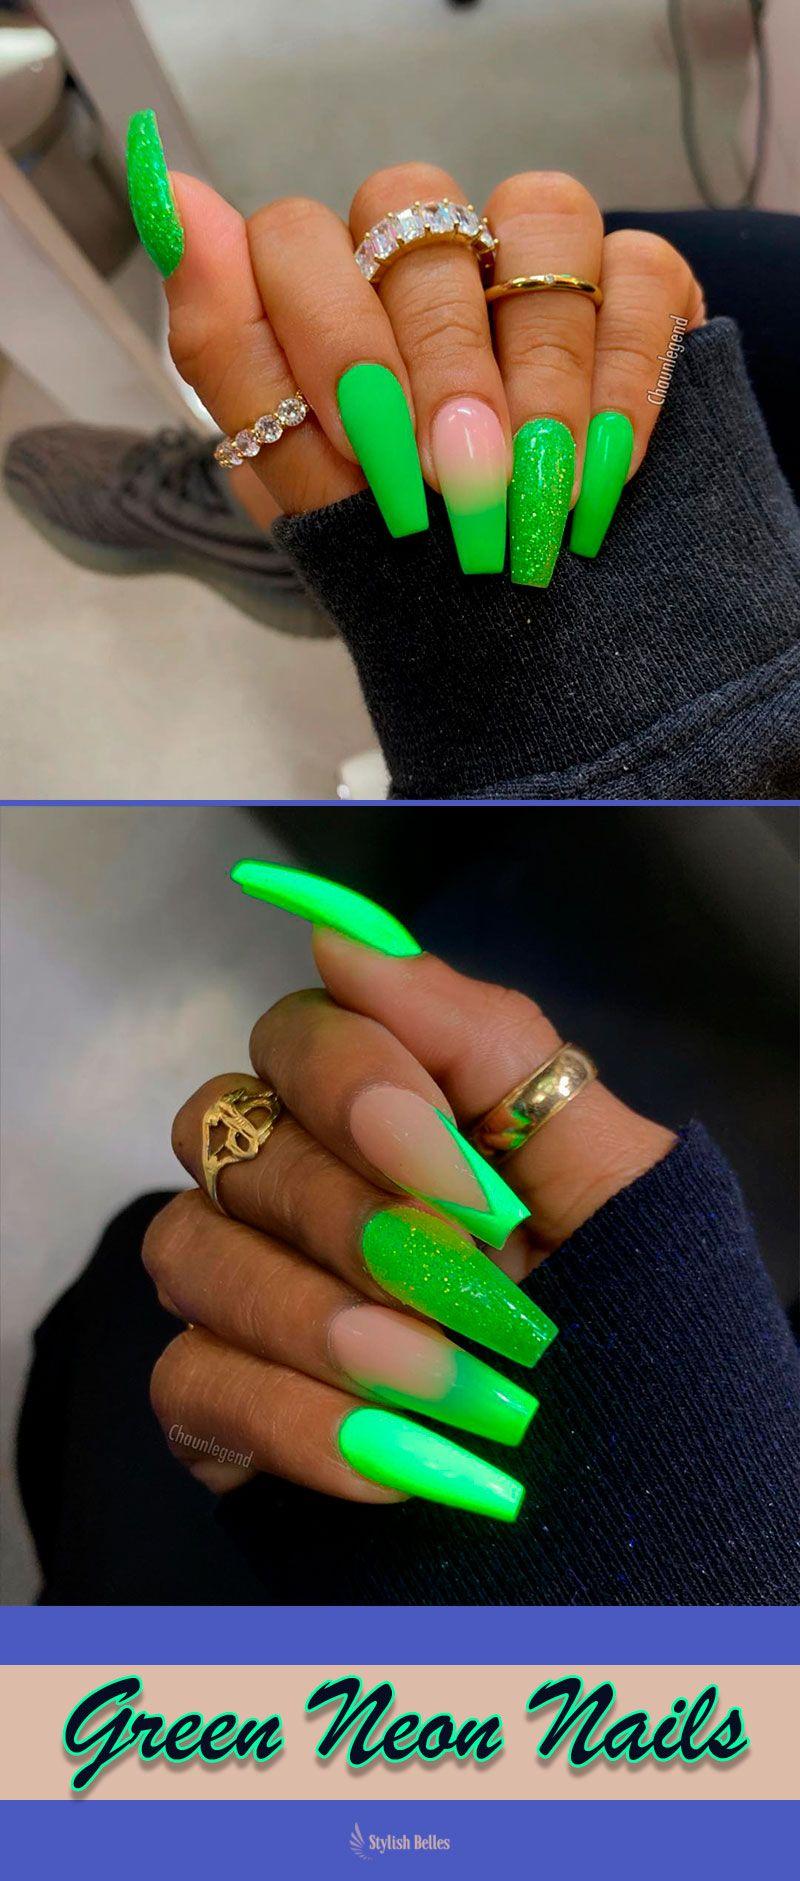 Green Neon Nails Summer Colors 2019 Summernails Summernailart Summernaildesigns Summernailcolors Coffinna Neon Green Nails Green Nails Shiny Nails Designs